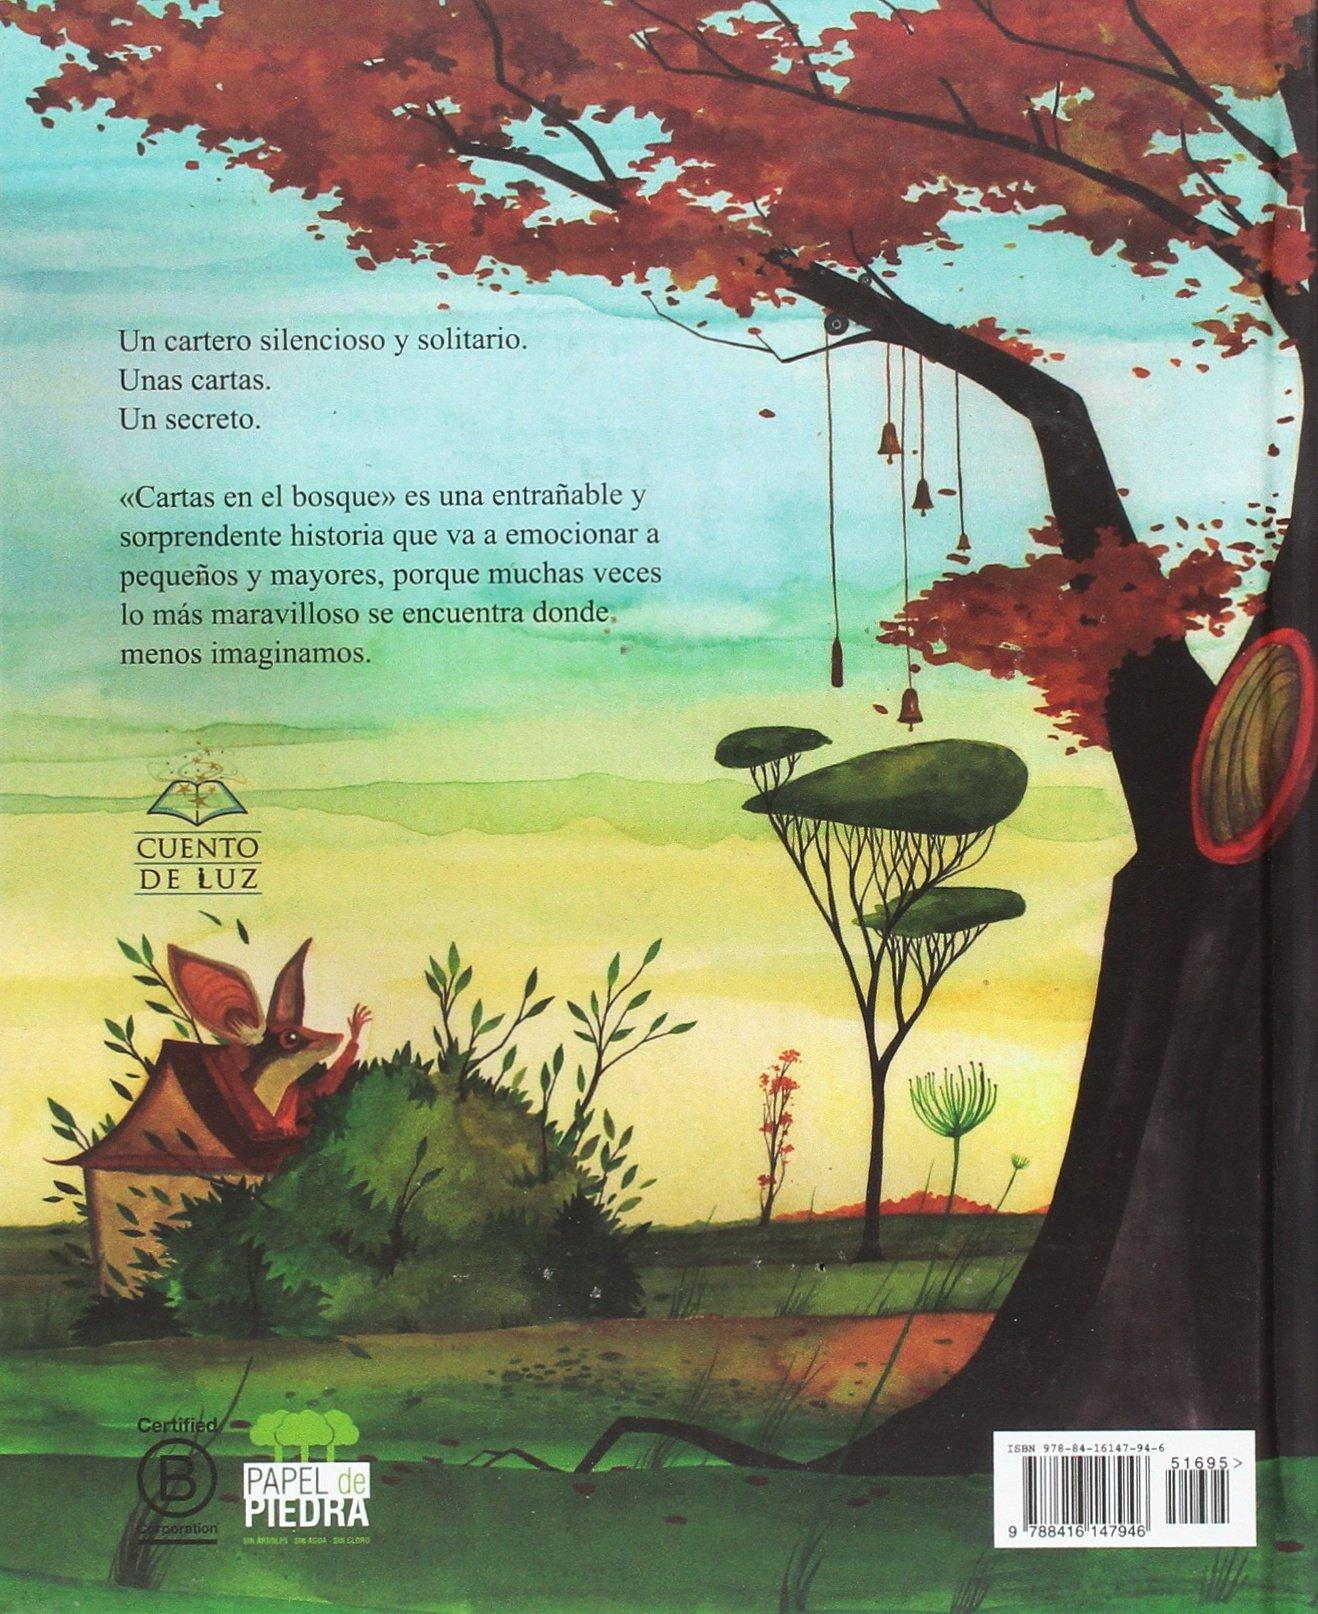 Cartas en el bosque (Spanish Edition)